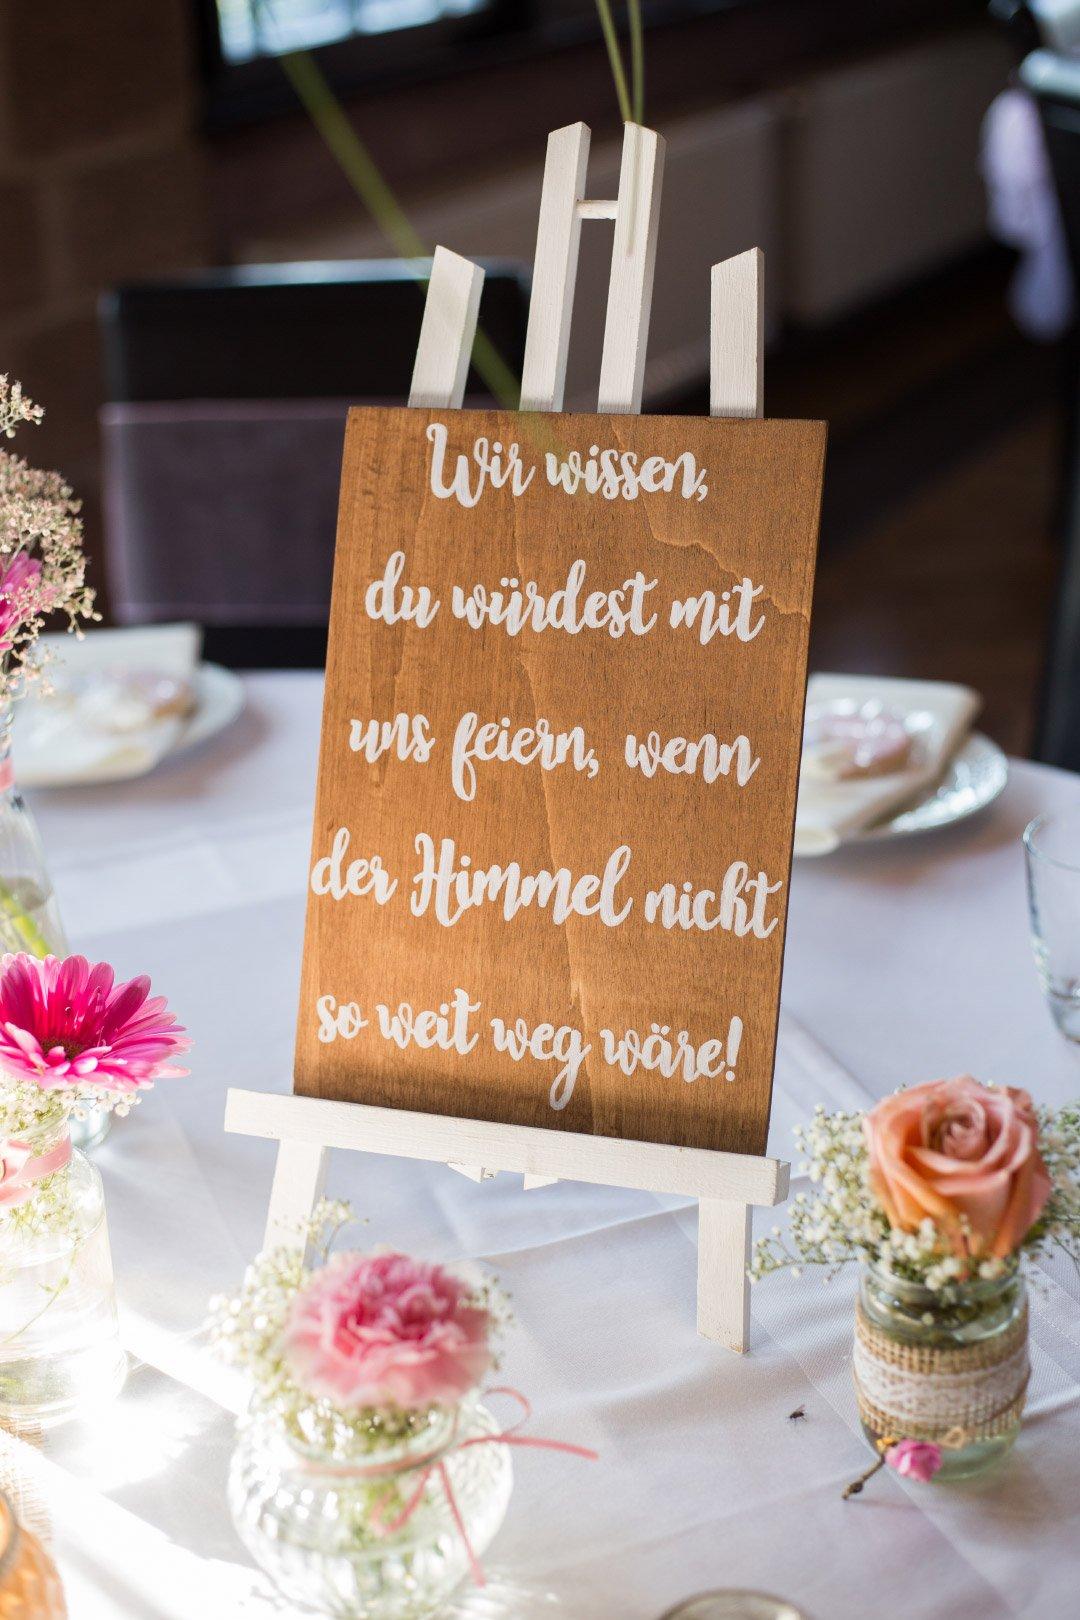 Aufsteller um an verstorbene Personen bei der Hochzeit zu erinnern